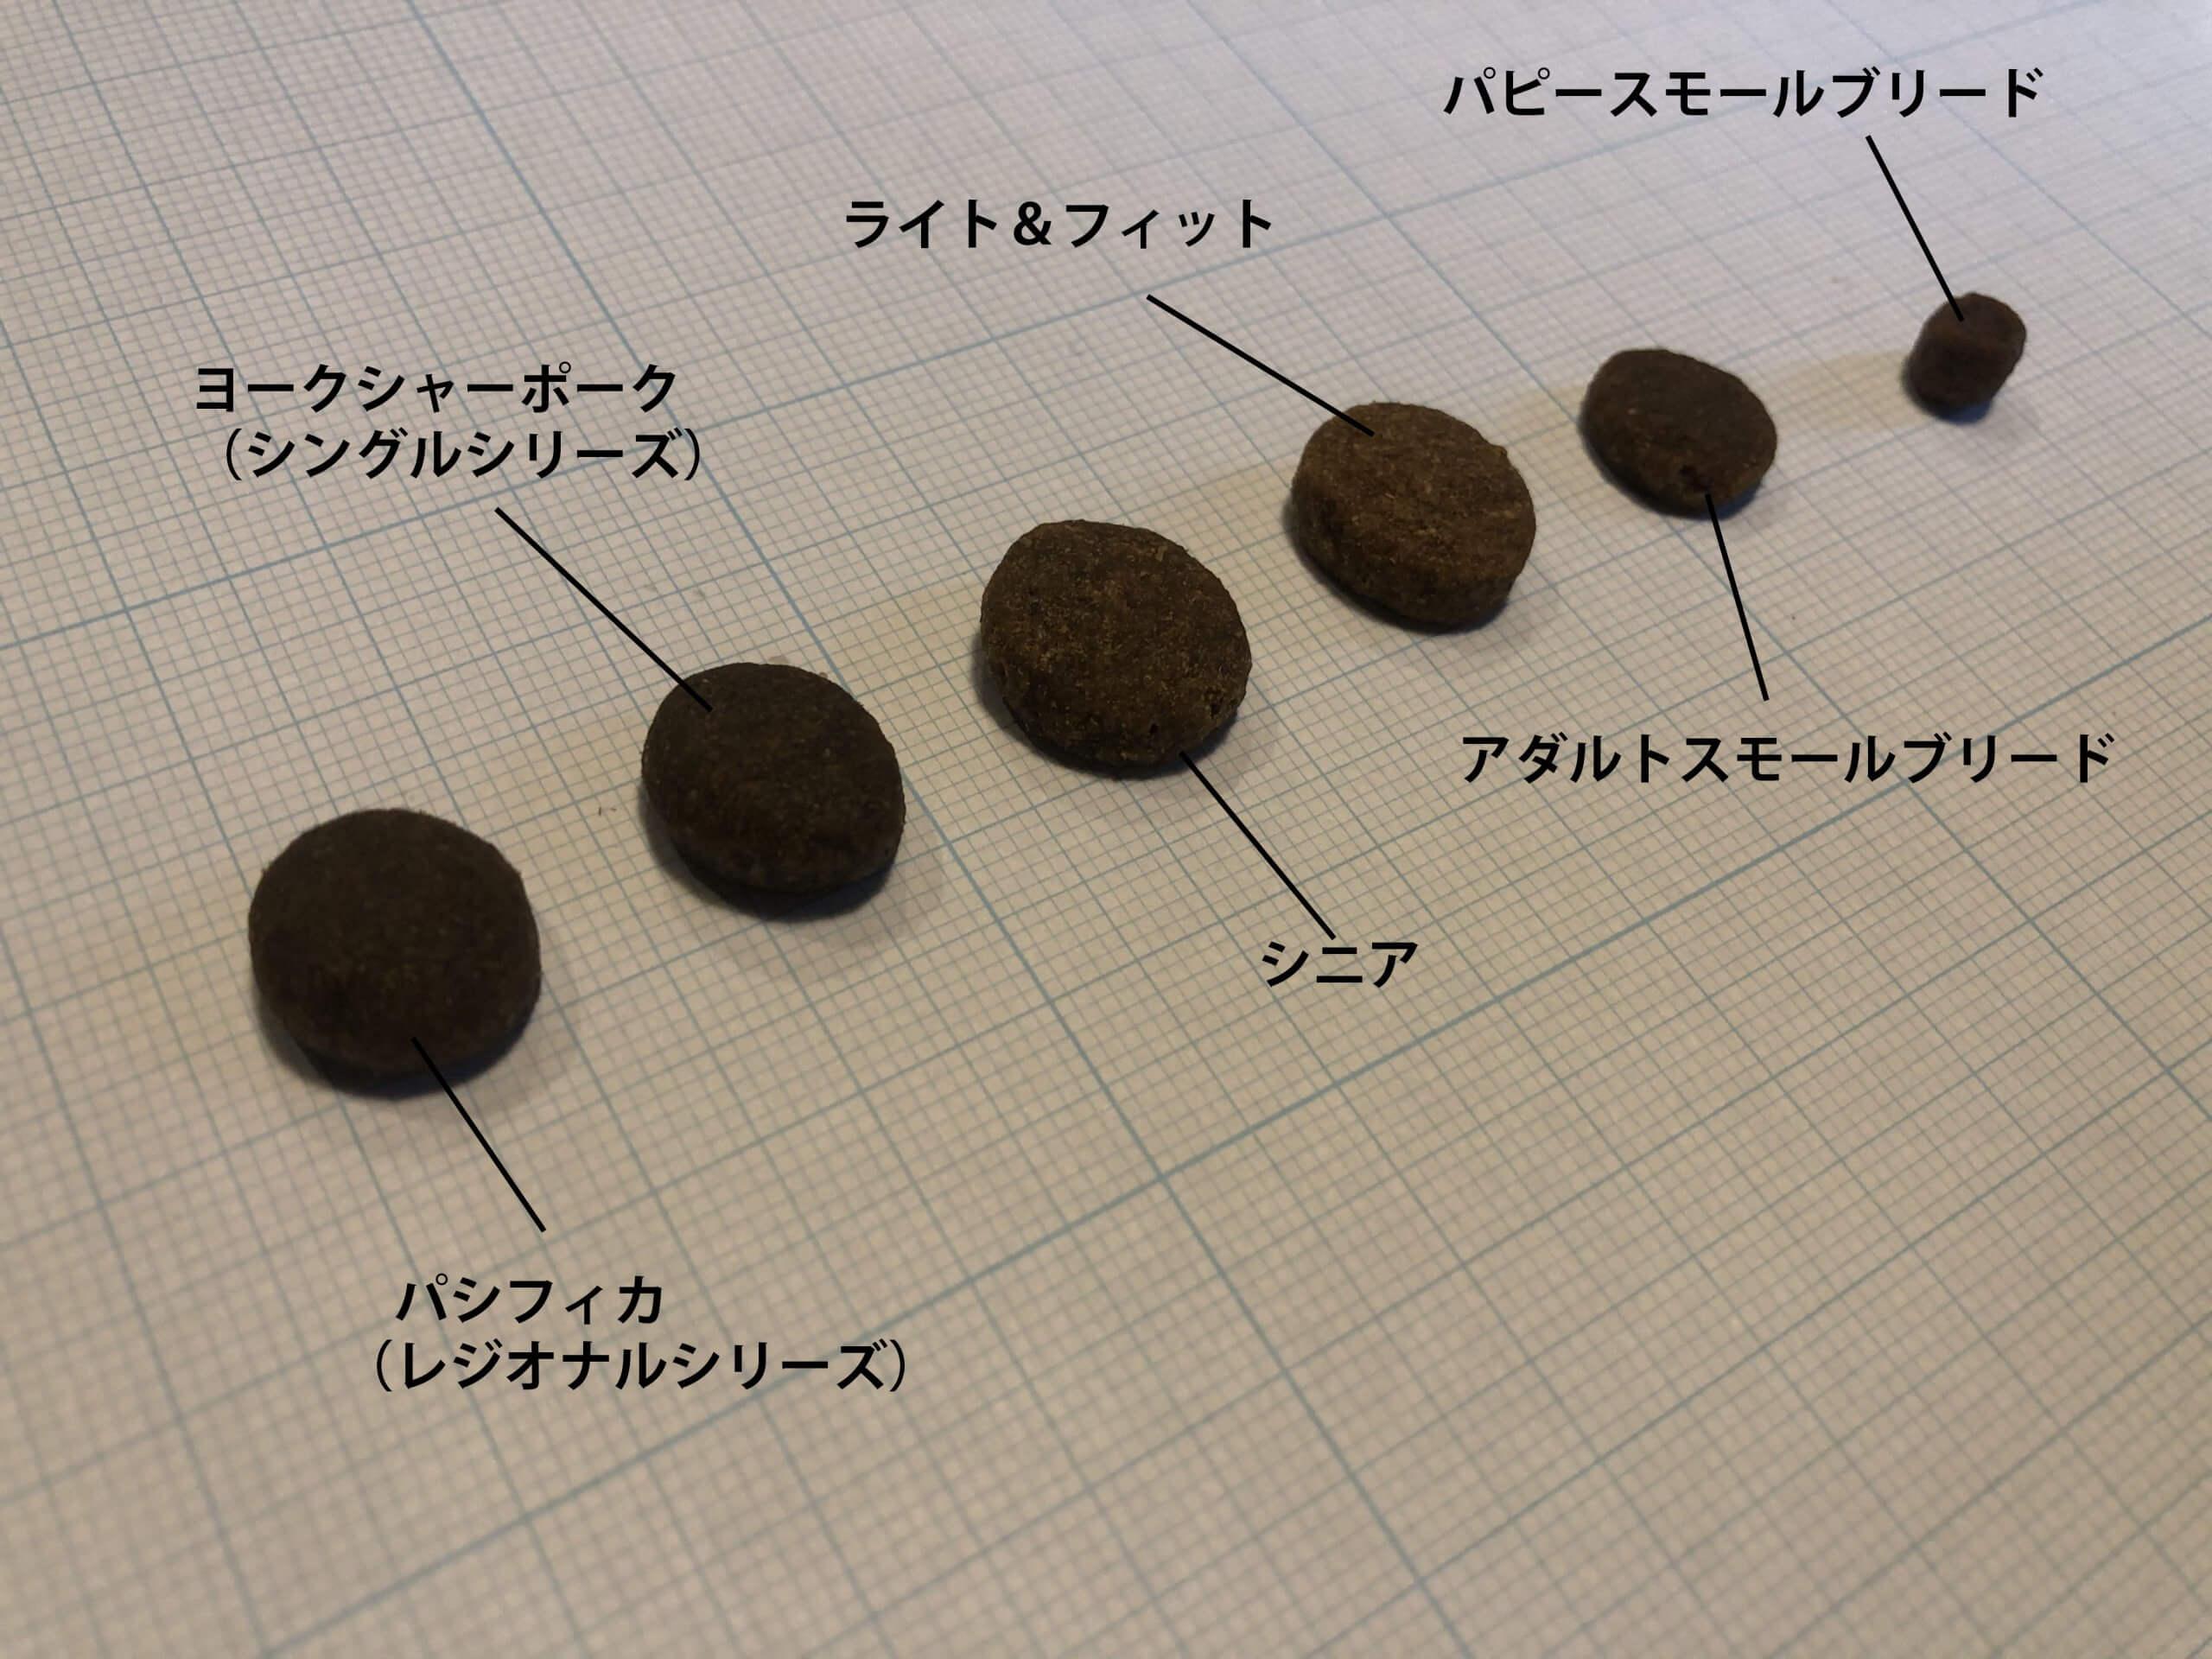 アカナ 粒の大きさ 比較